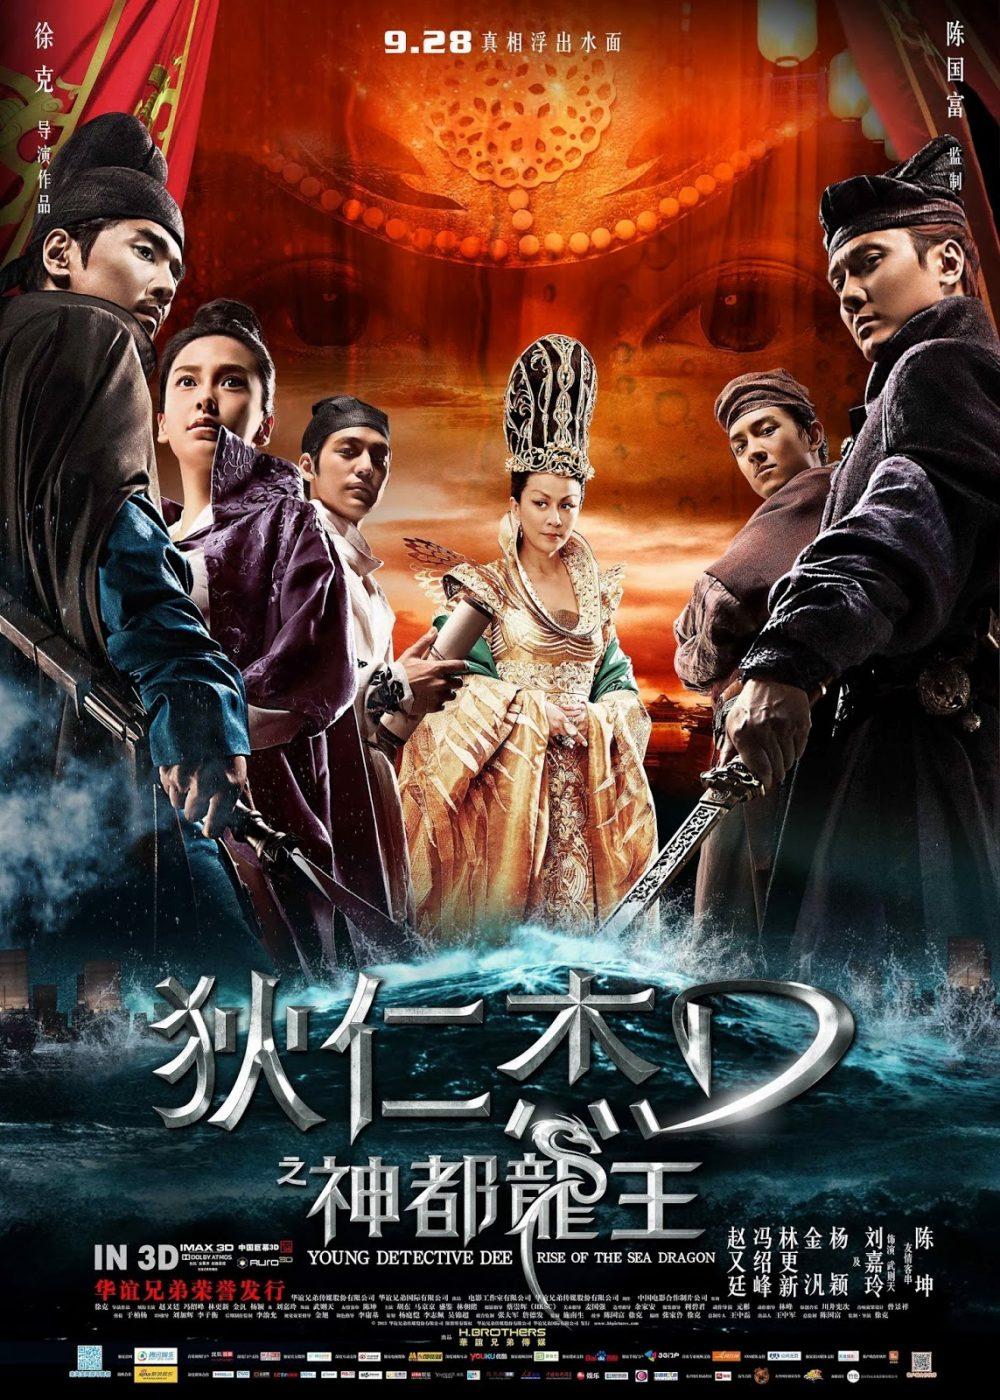 Triệu Hựu Đình phim Địch Nhân Kiệt: Rồng biển trỗi dậy